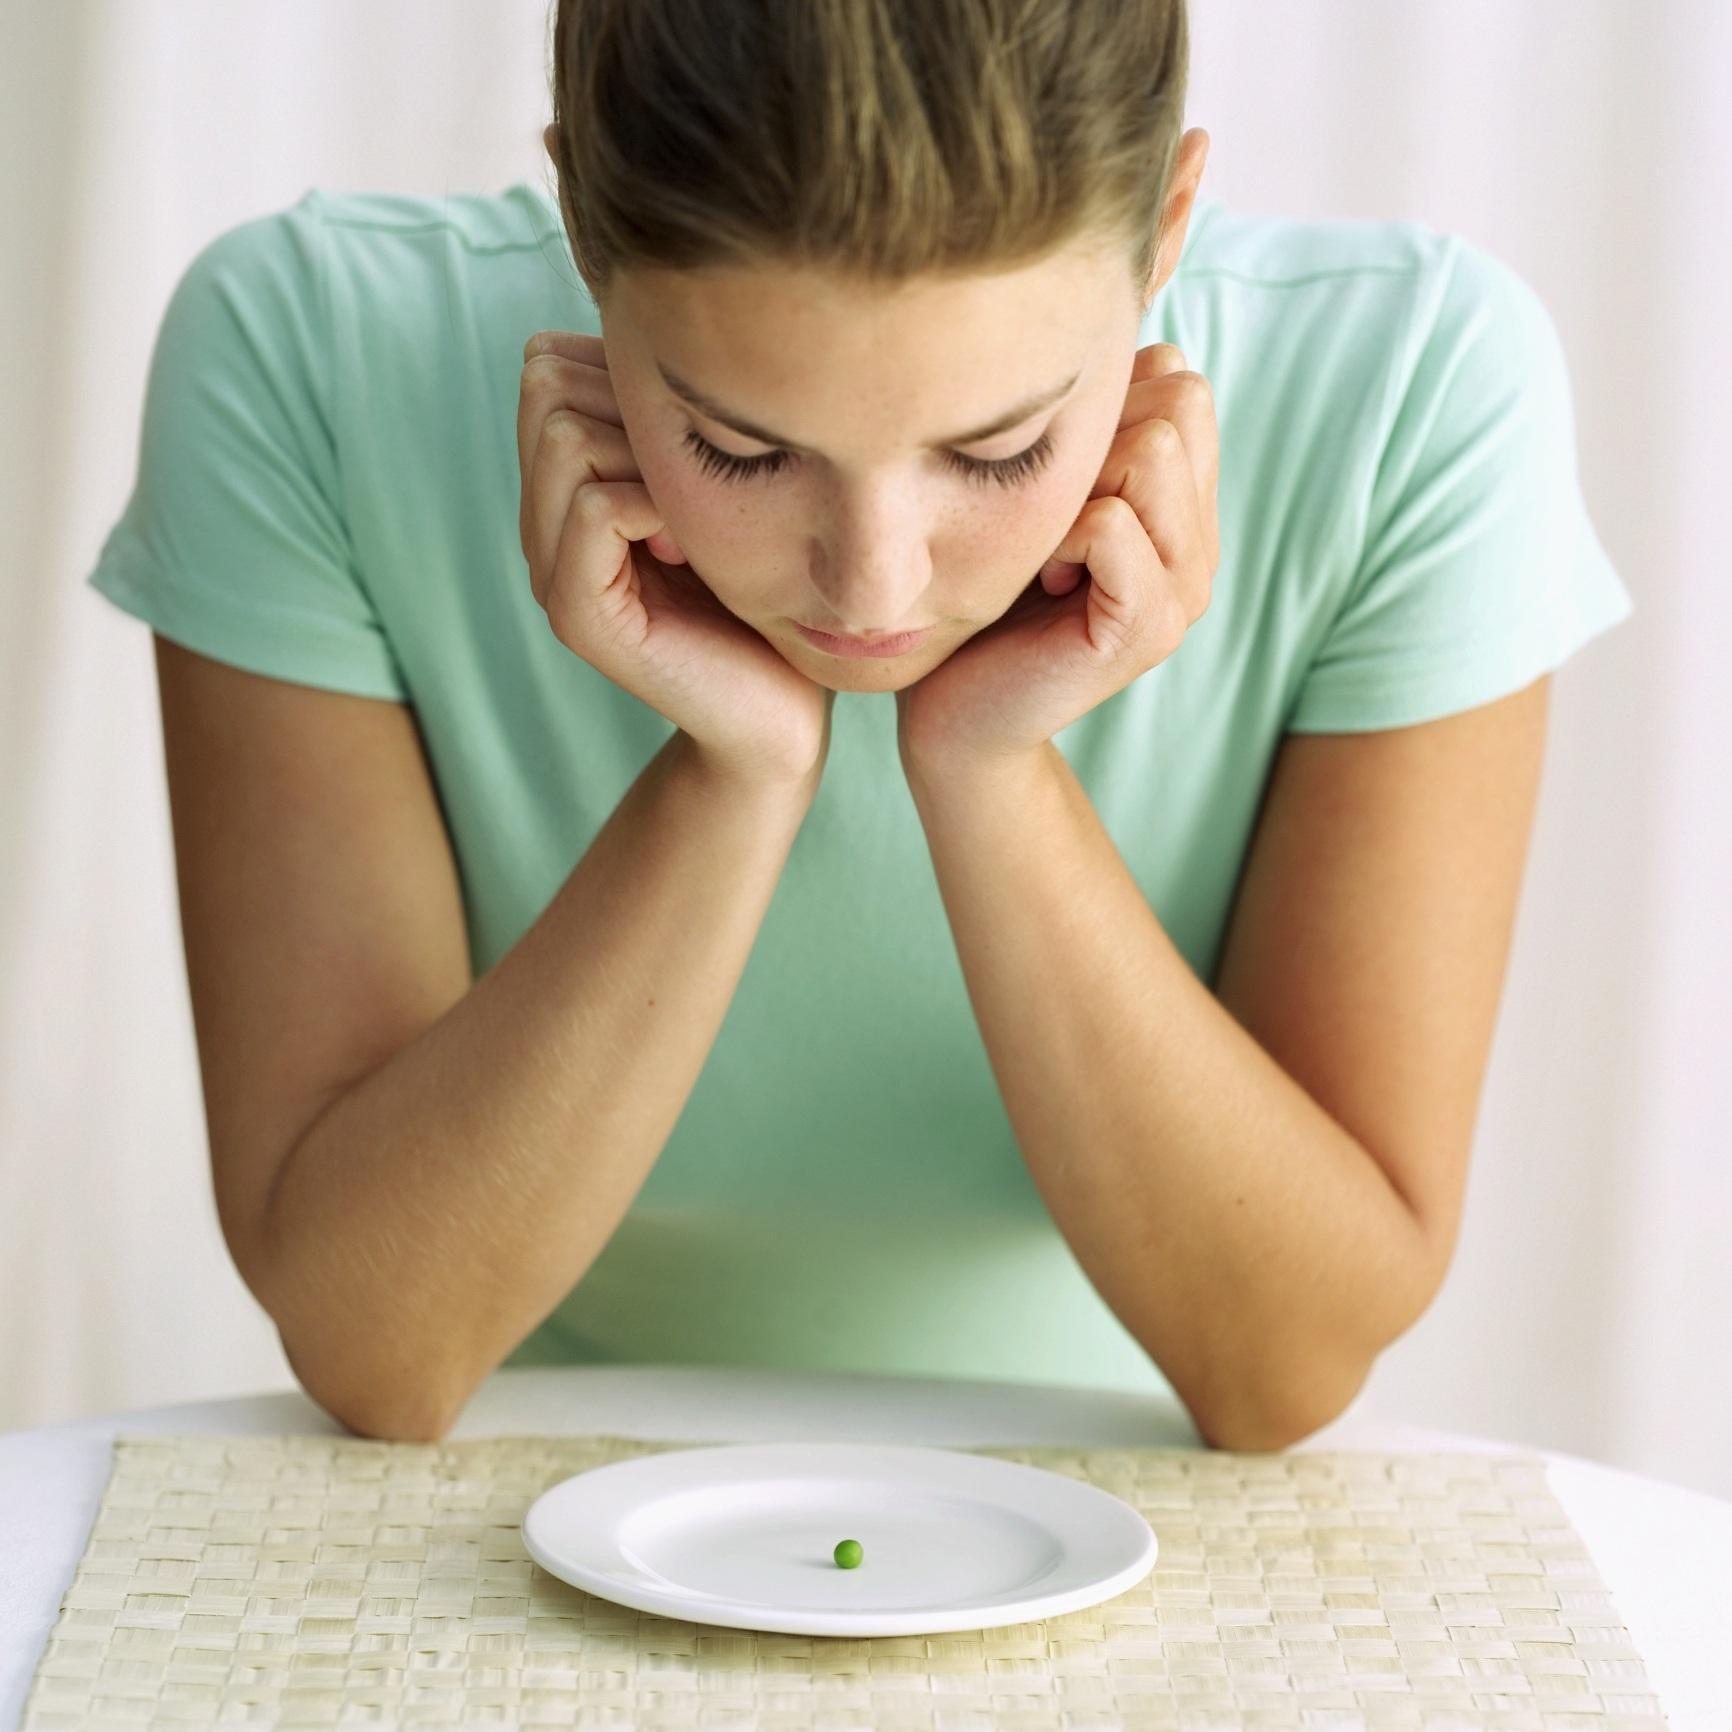 Dieta Depurativa Pode Ser Prejudicial?